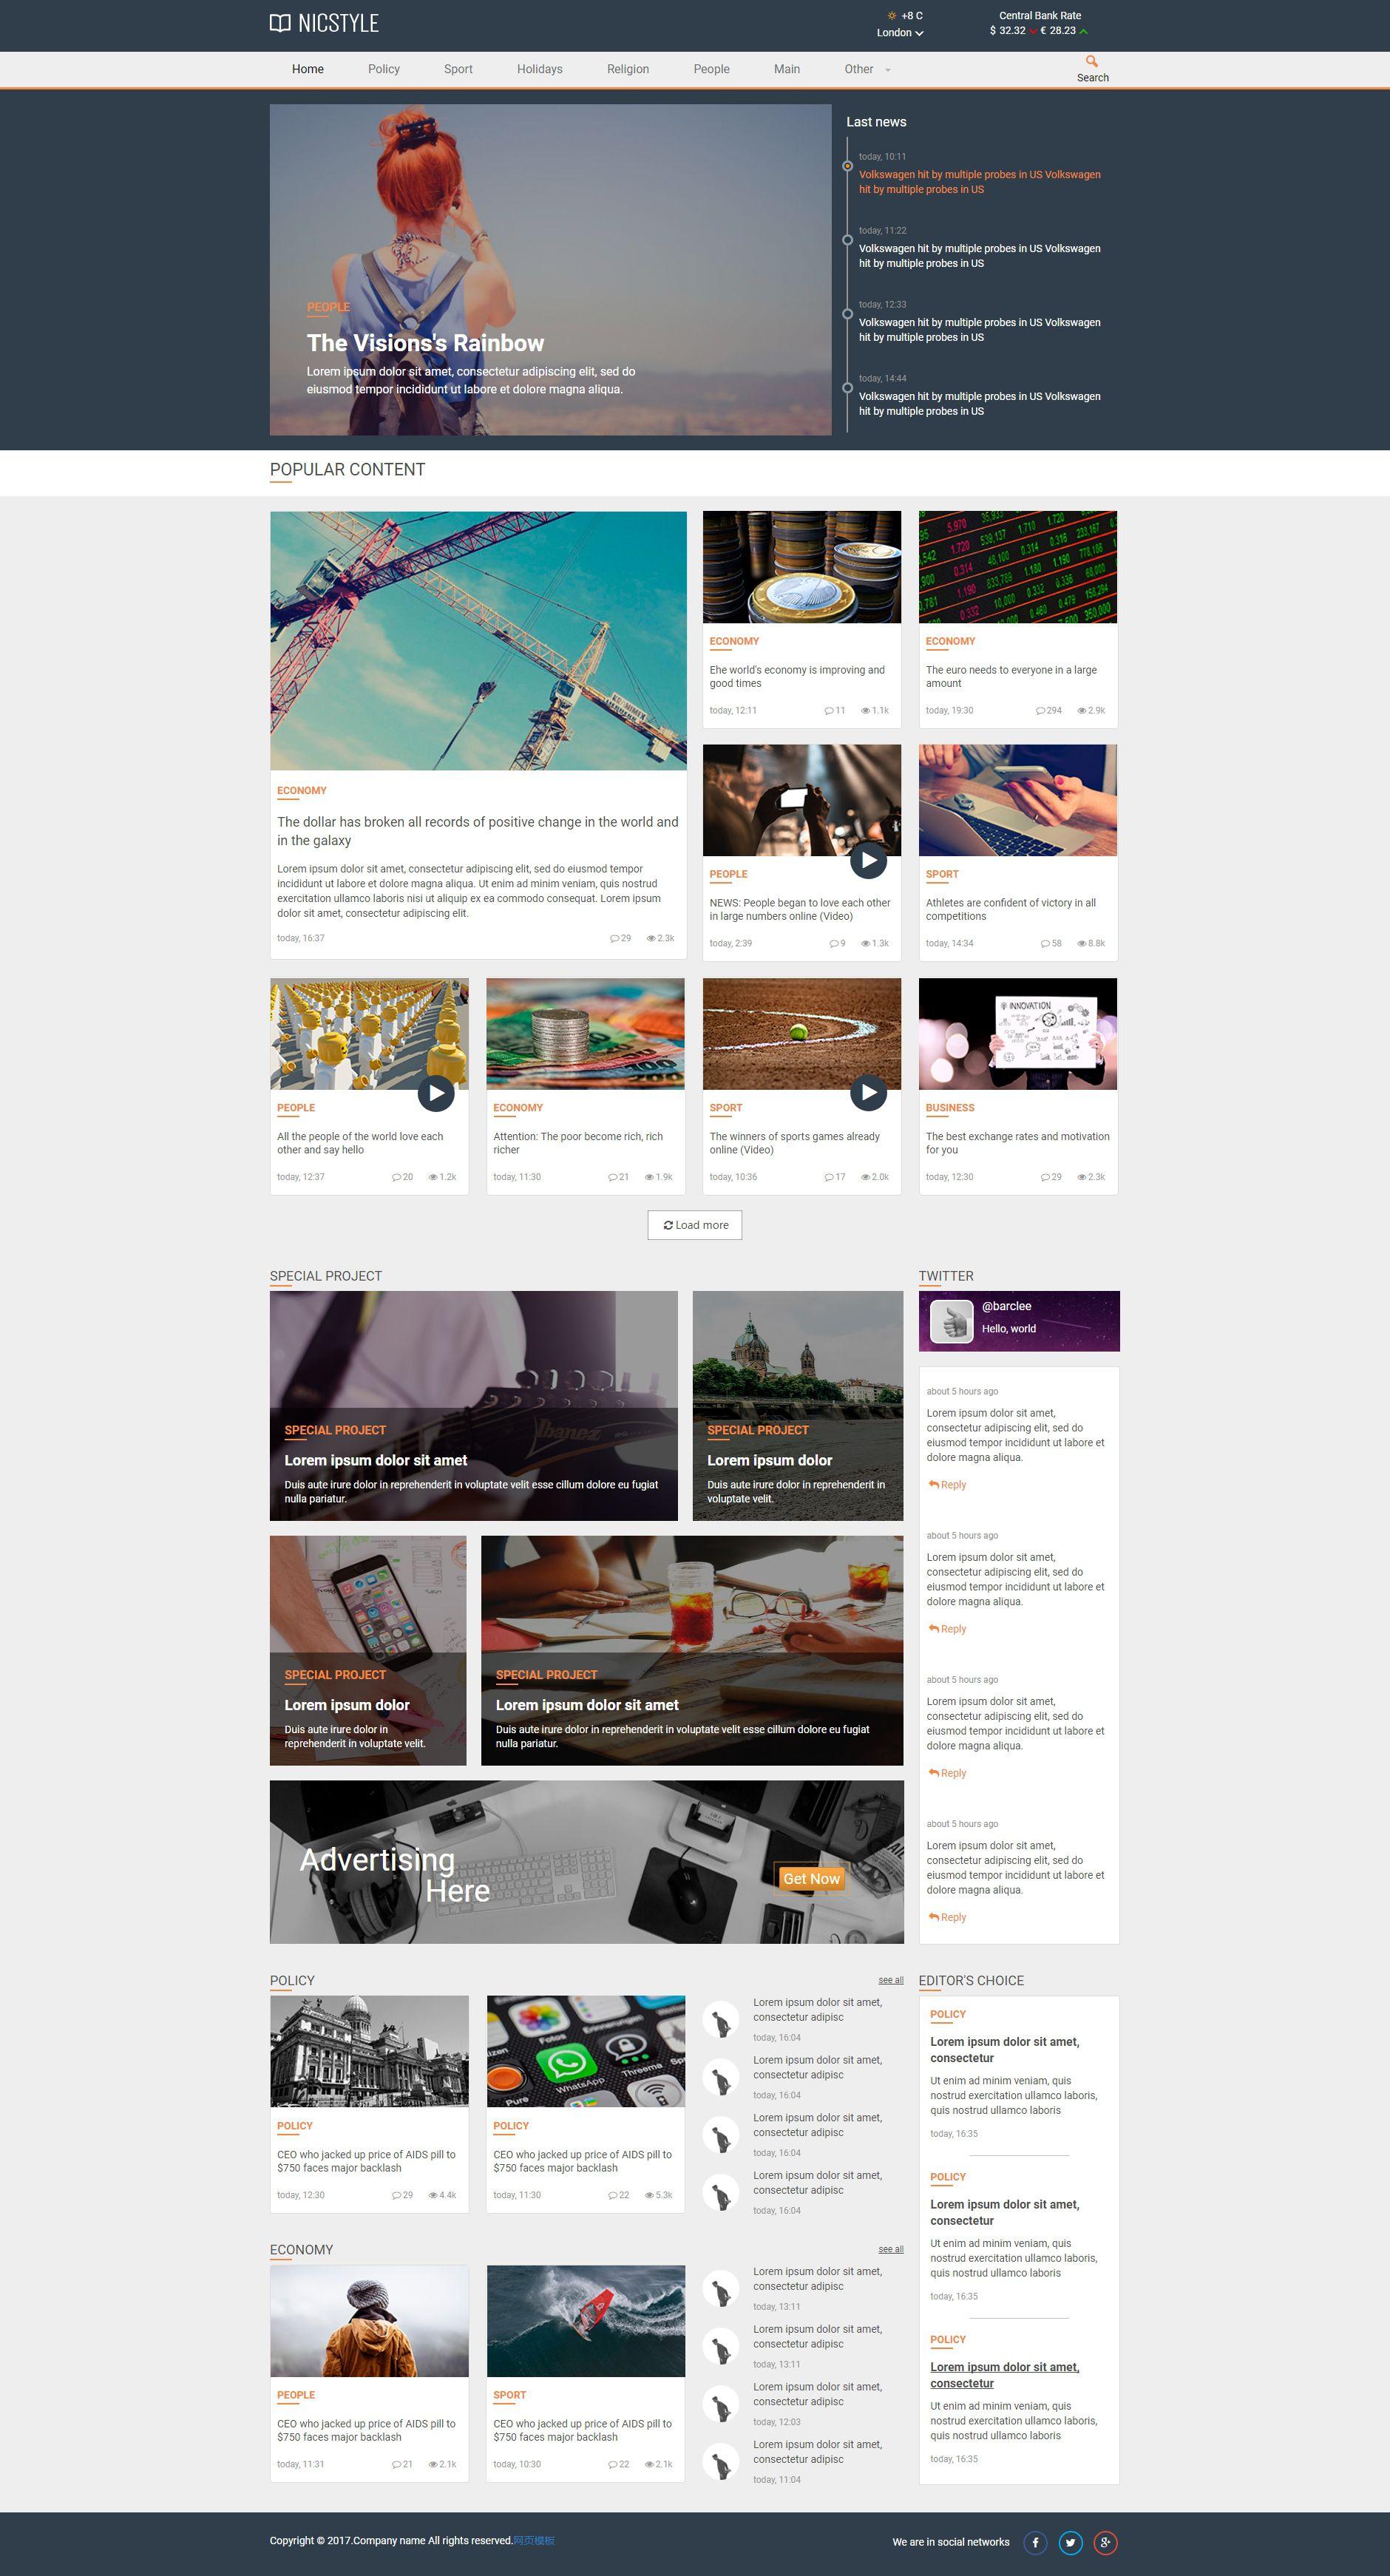 实用的图片新闻资讯网站模板html下载